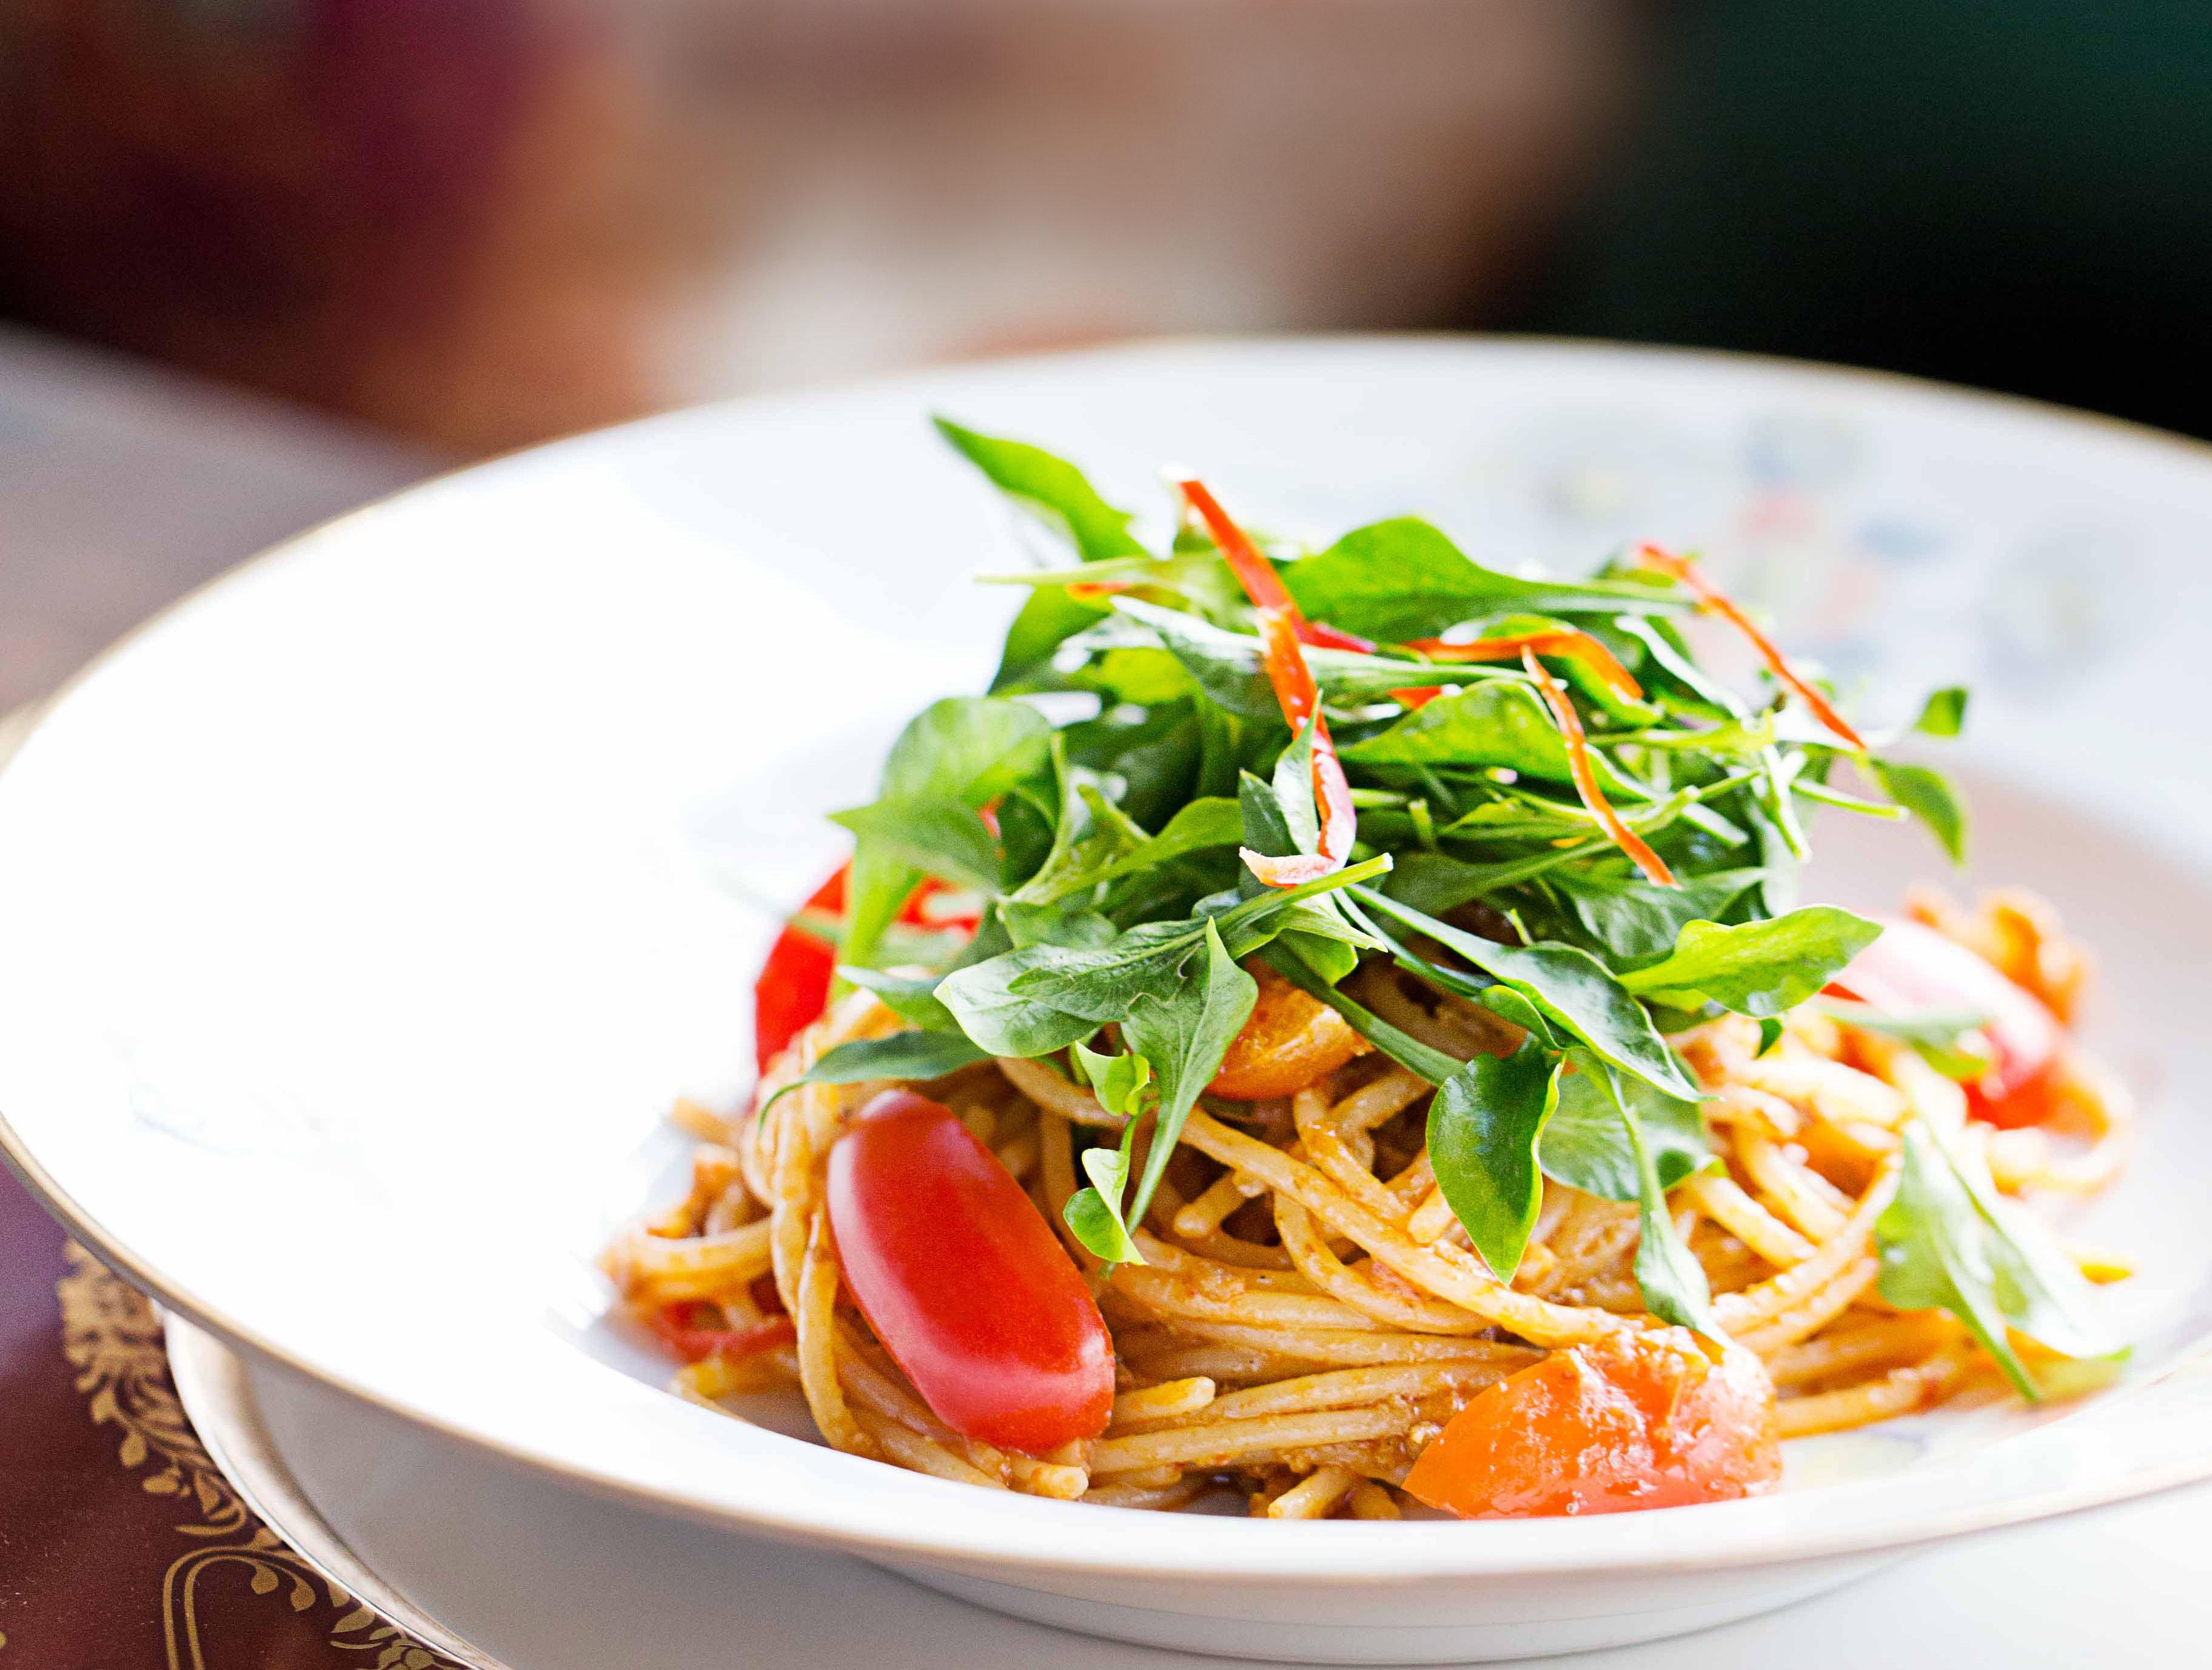 Chili Pork Spaghetti